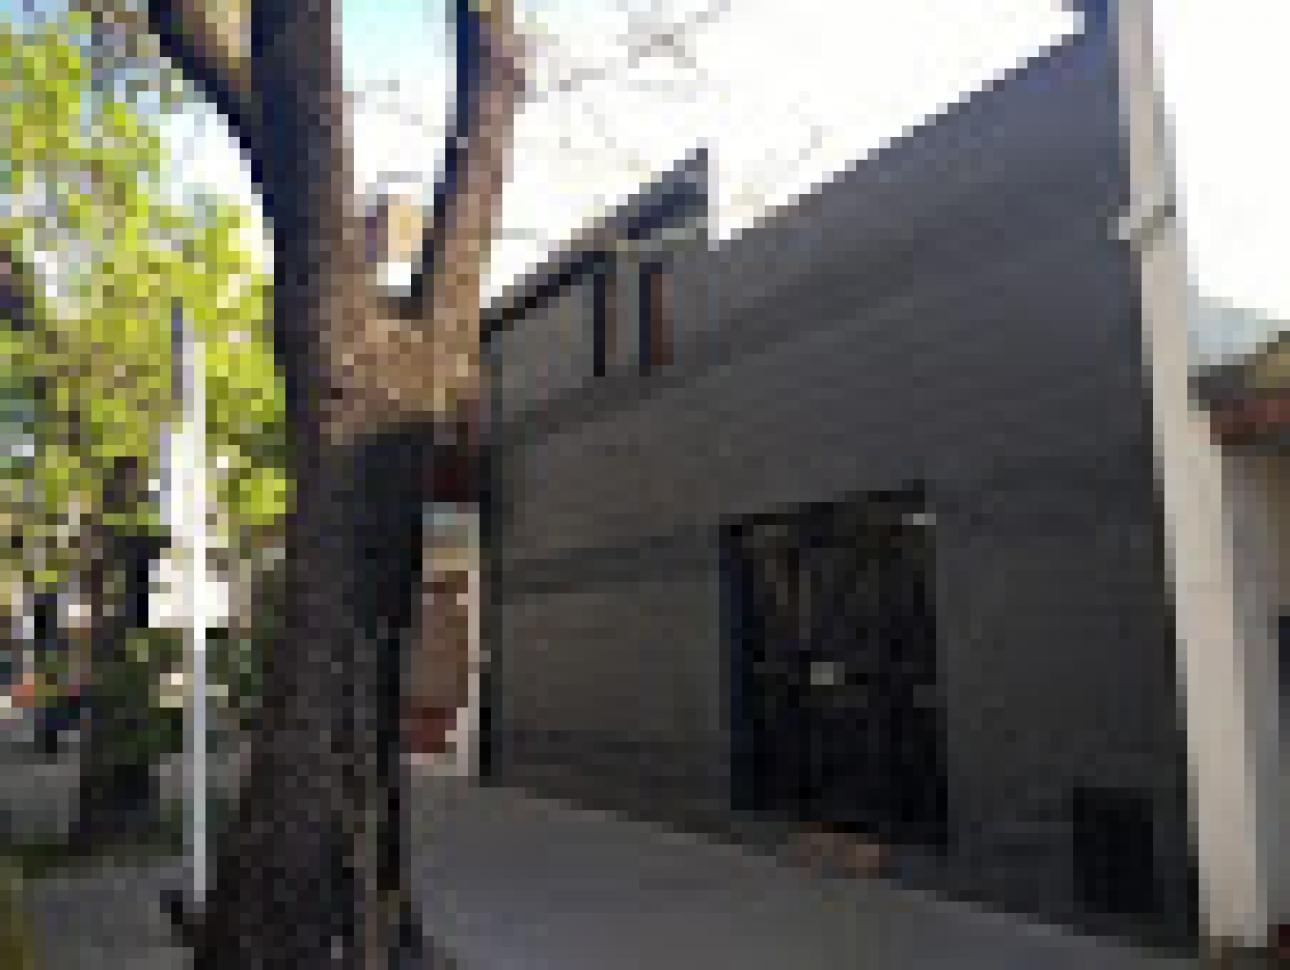 Venta de Casa 5 o mas ambientes en Caballito Caballito Norte